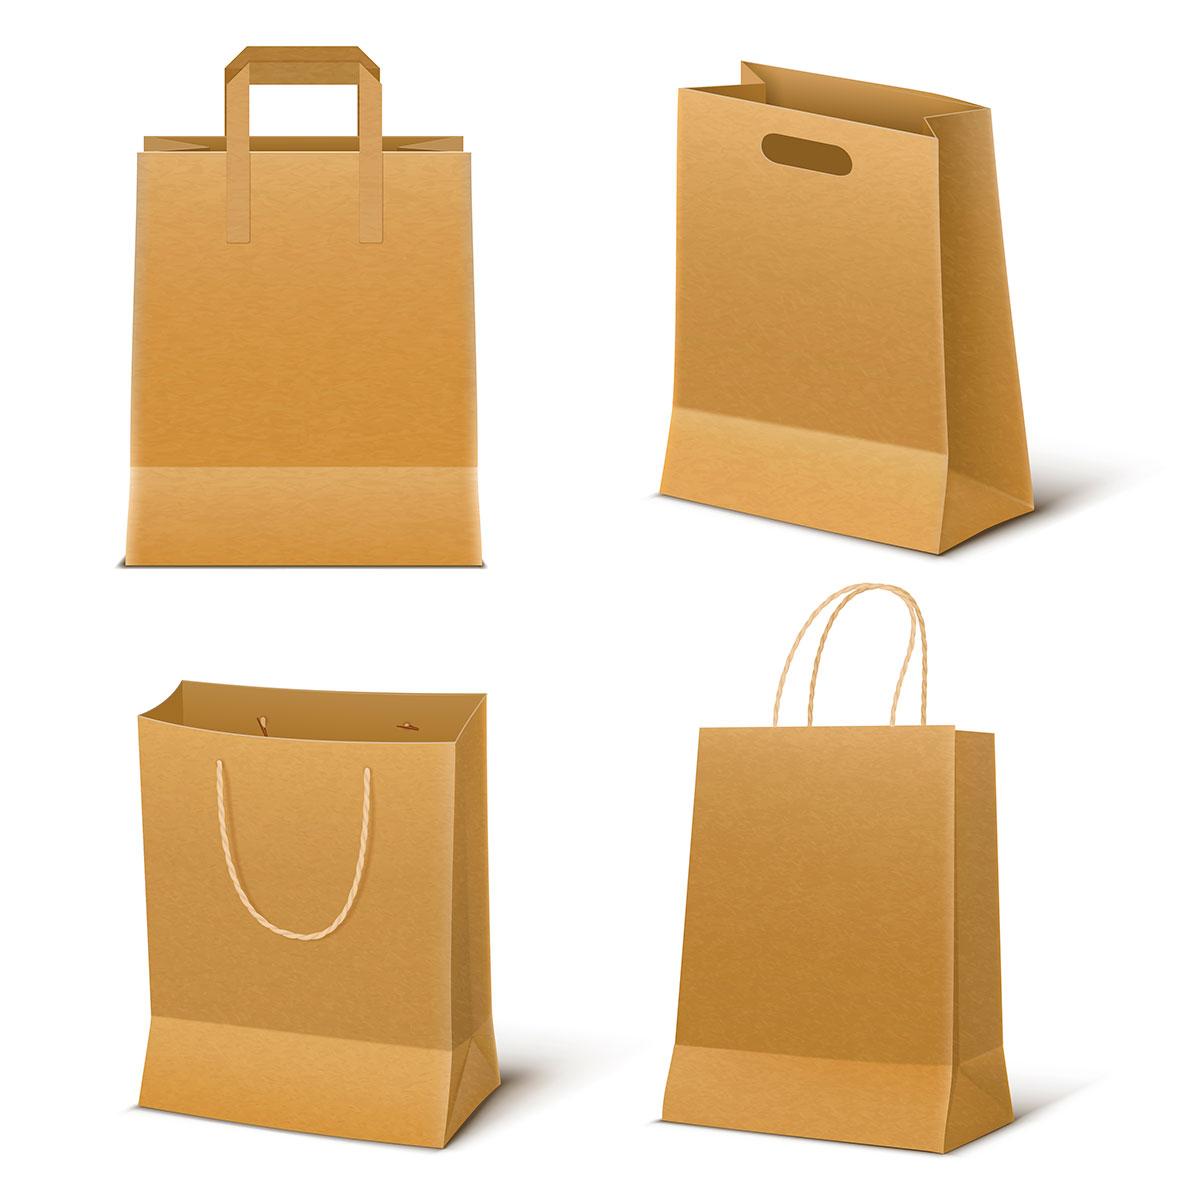 Tipos de bolsas de papel. ¿Cuál es mejor?